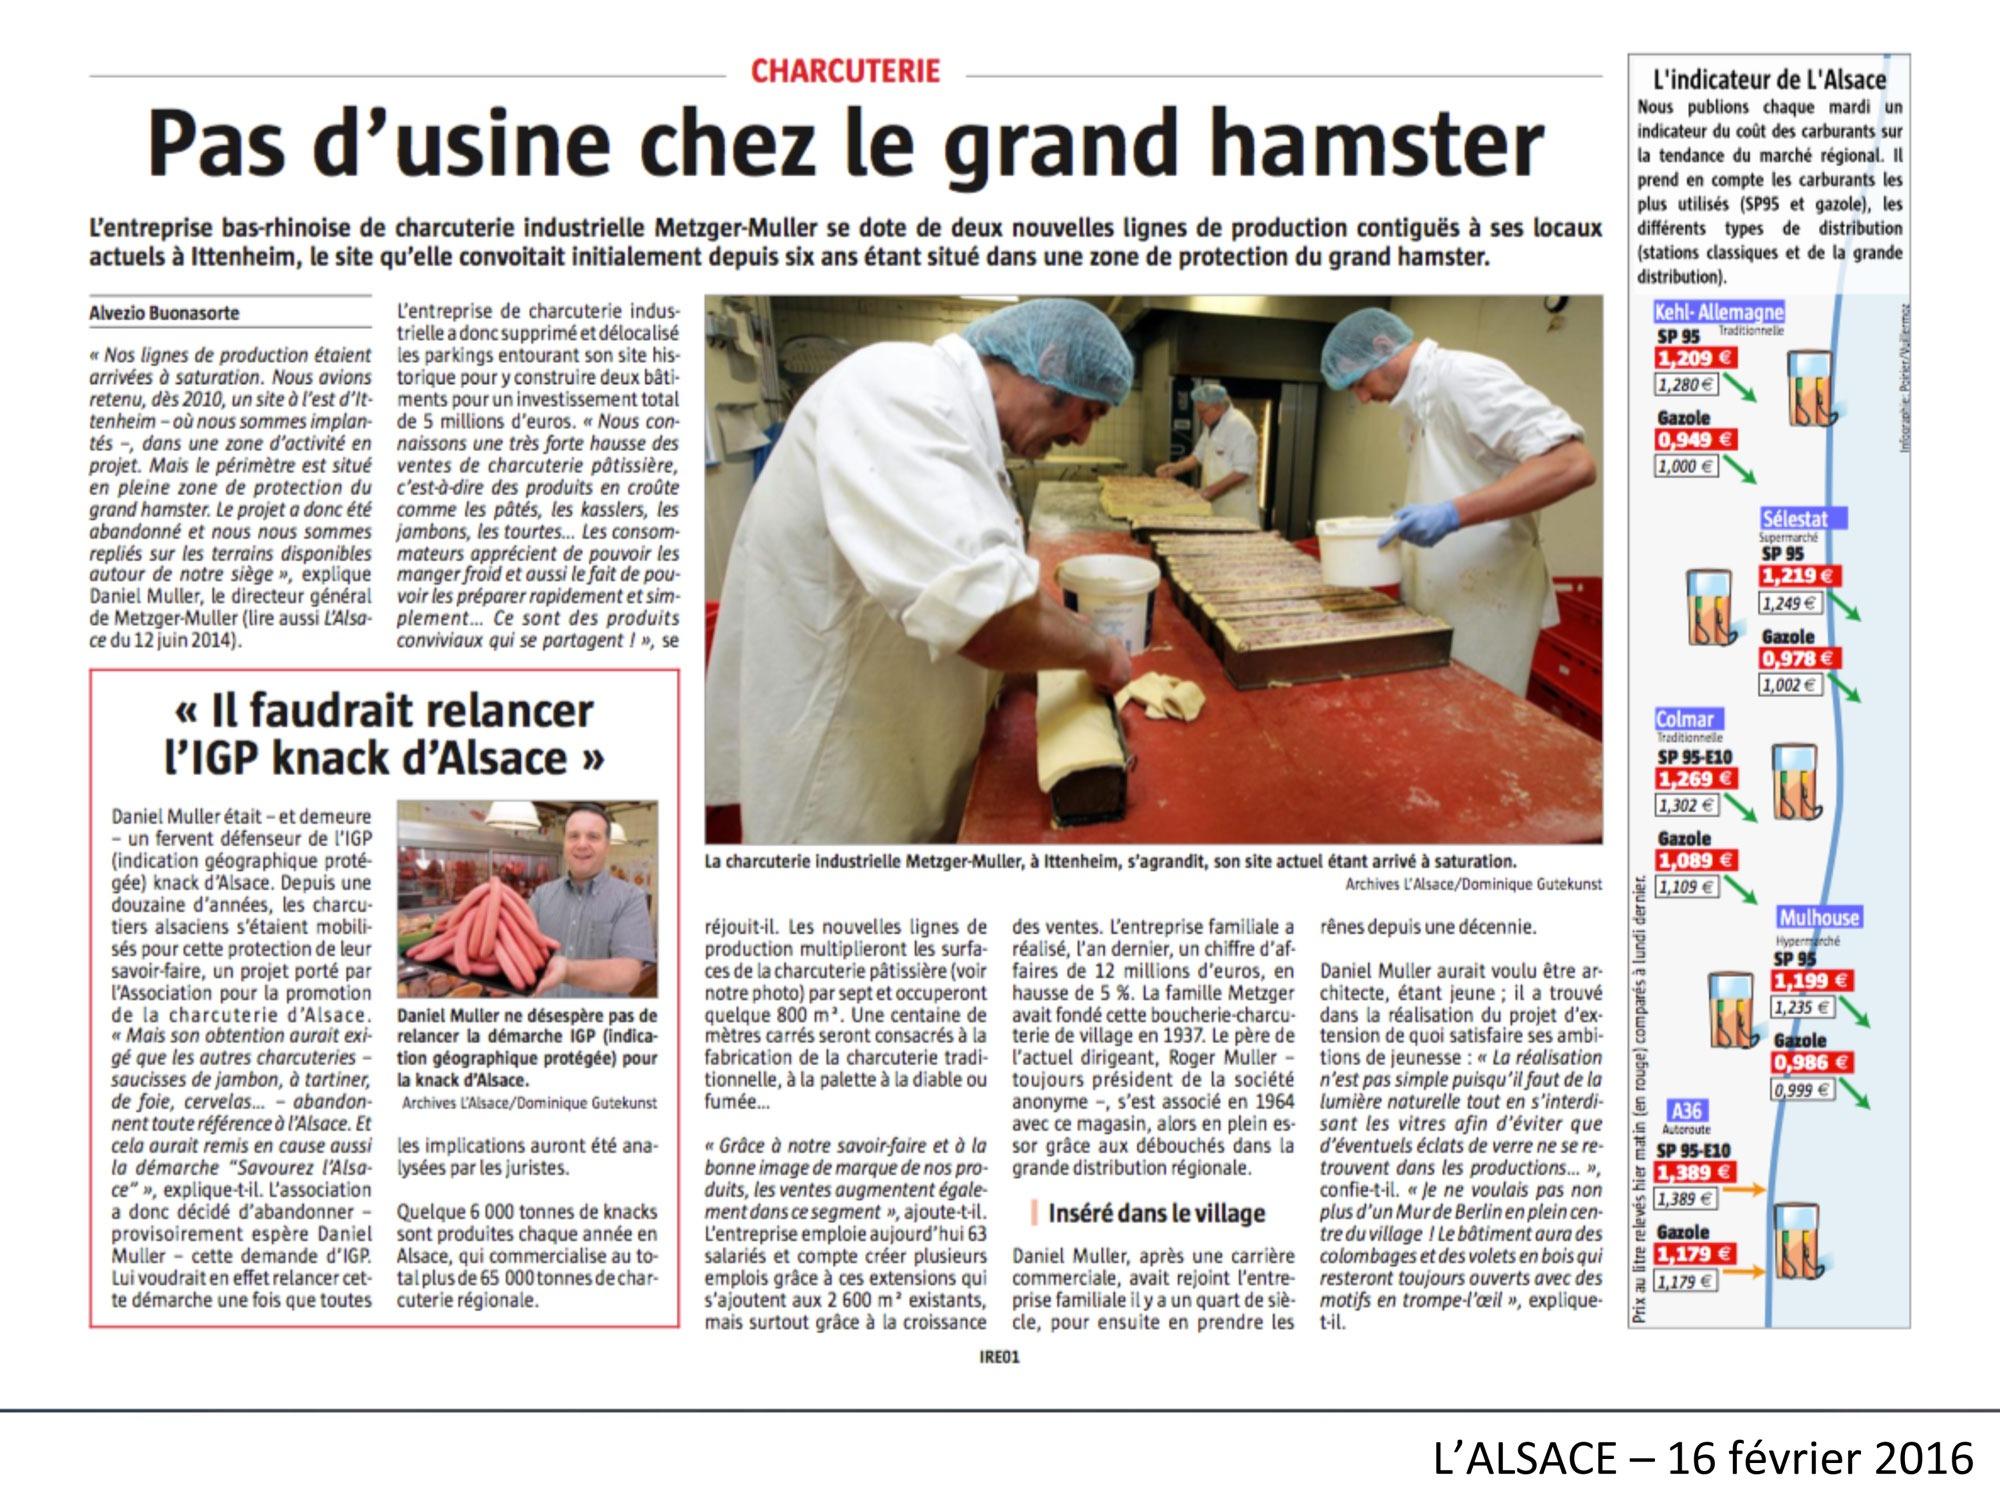 Pas d'usine chez le grand hamster L'Alsace-160216